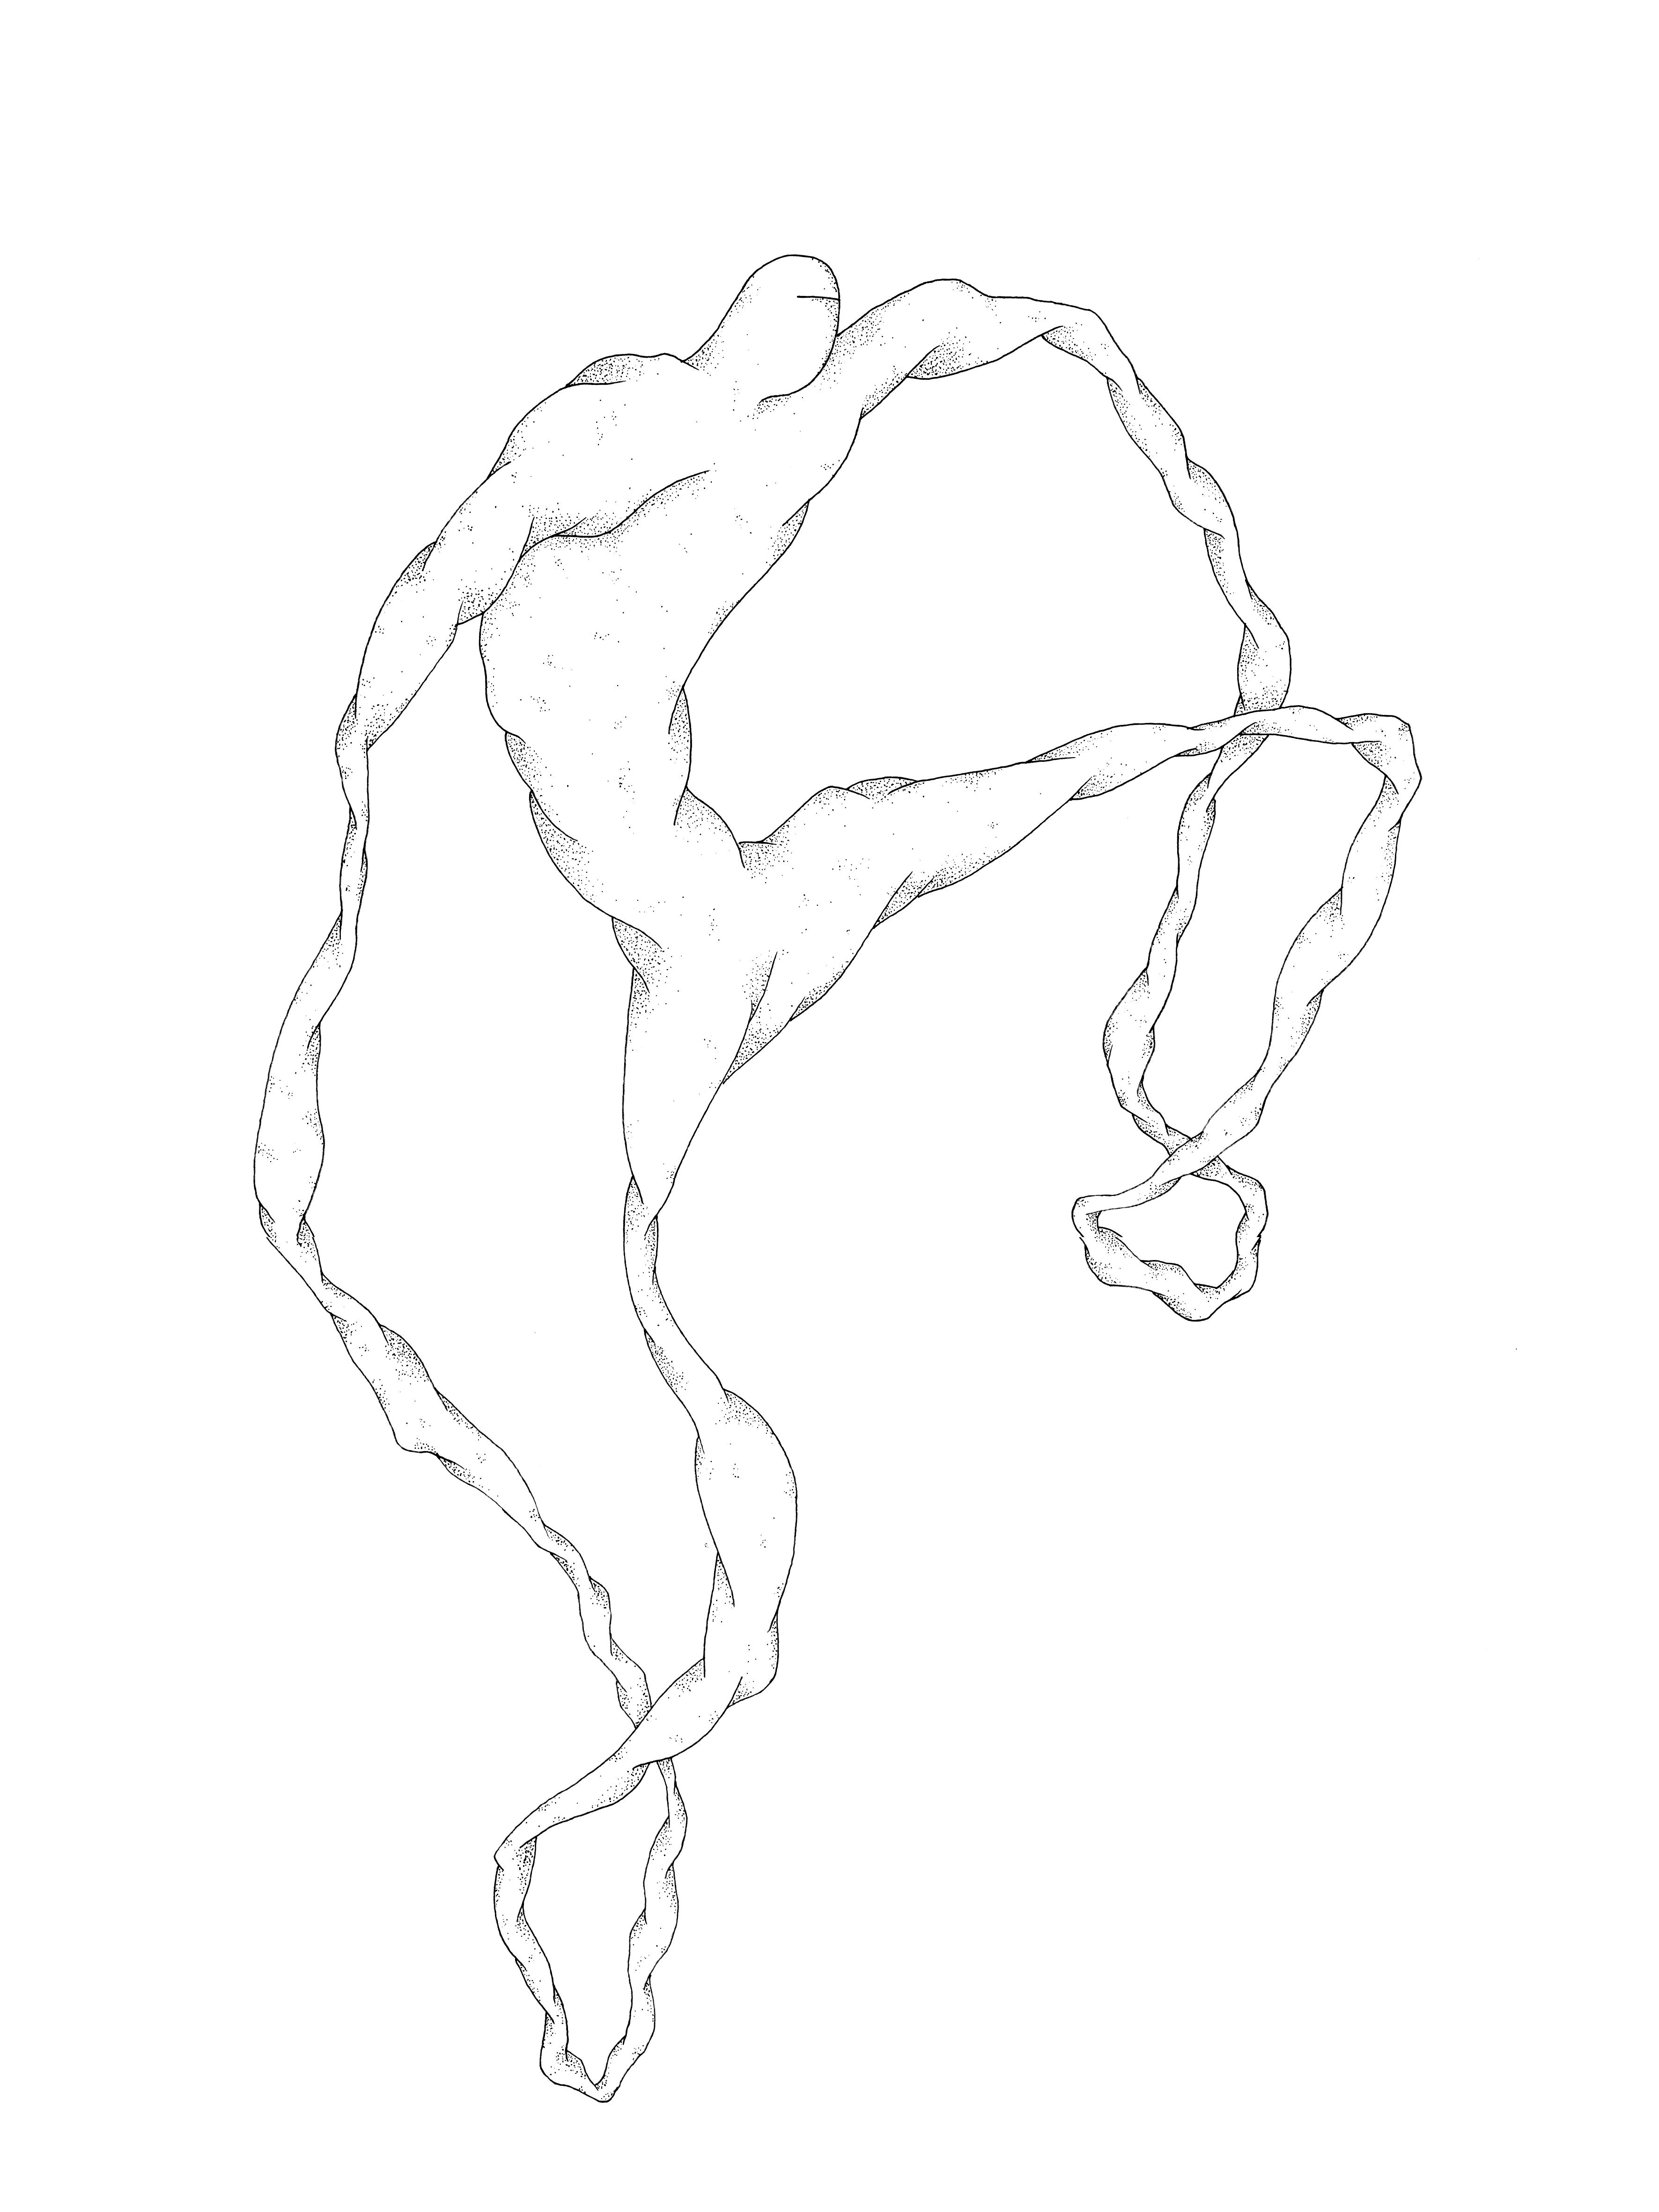 Sans titre (mutant poings et pieds liés) ORIGINAUX copie